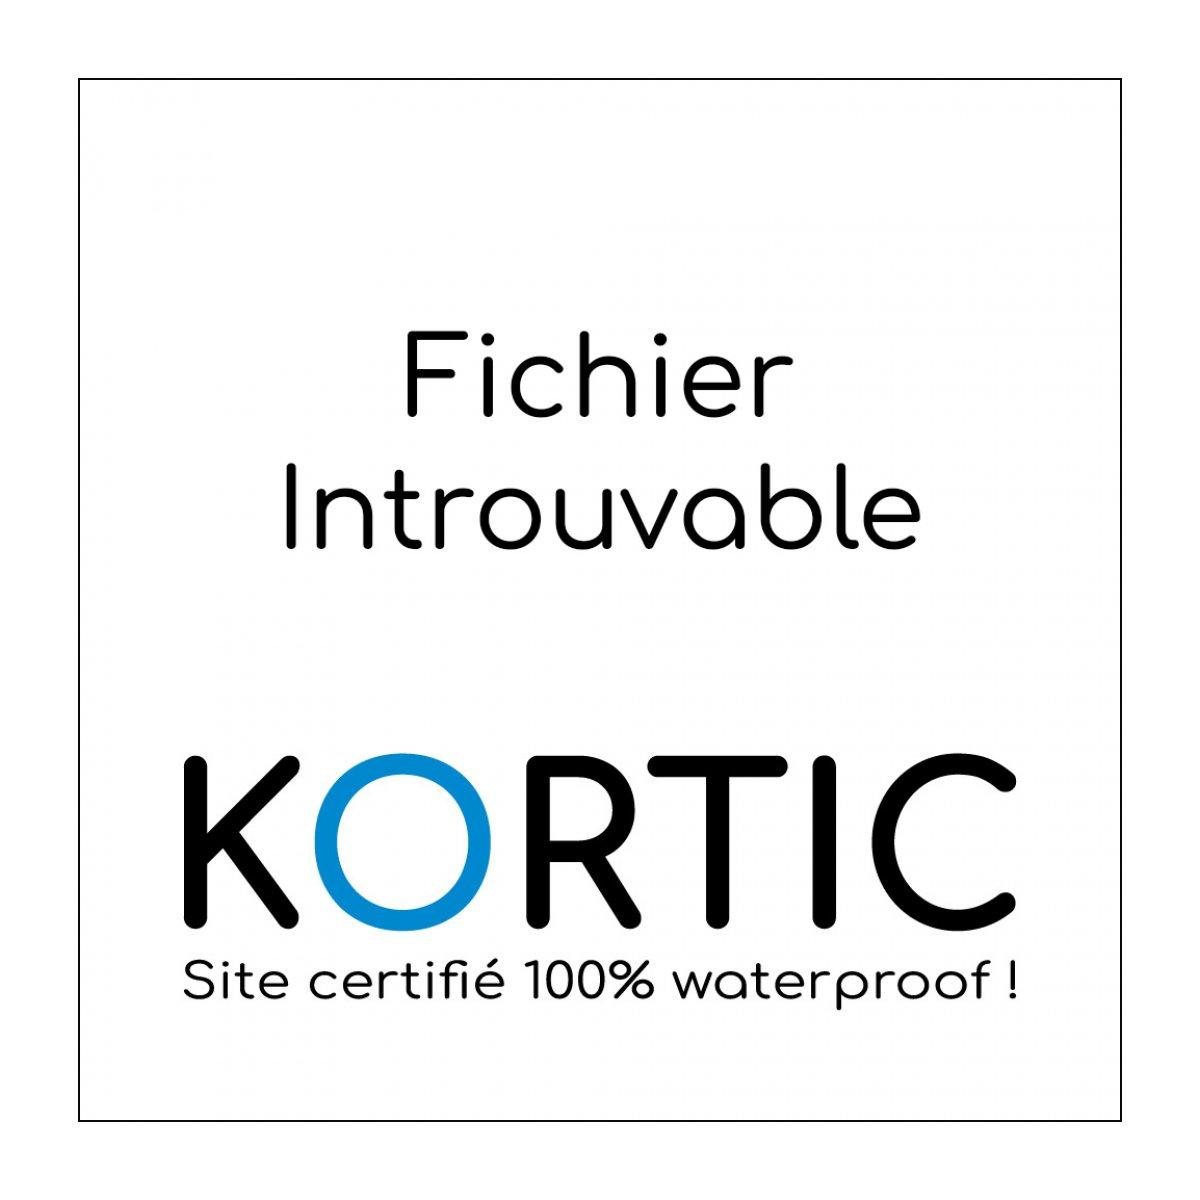 portrait en contre plongée d'un homme barbu avec des lunettes de soleil